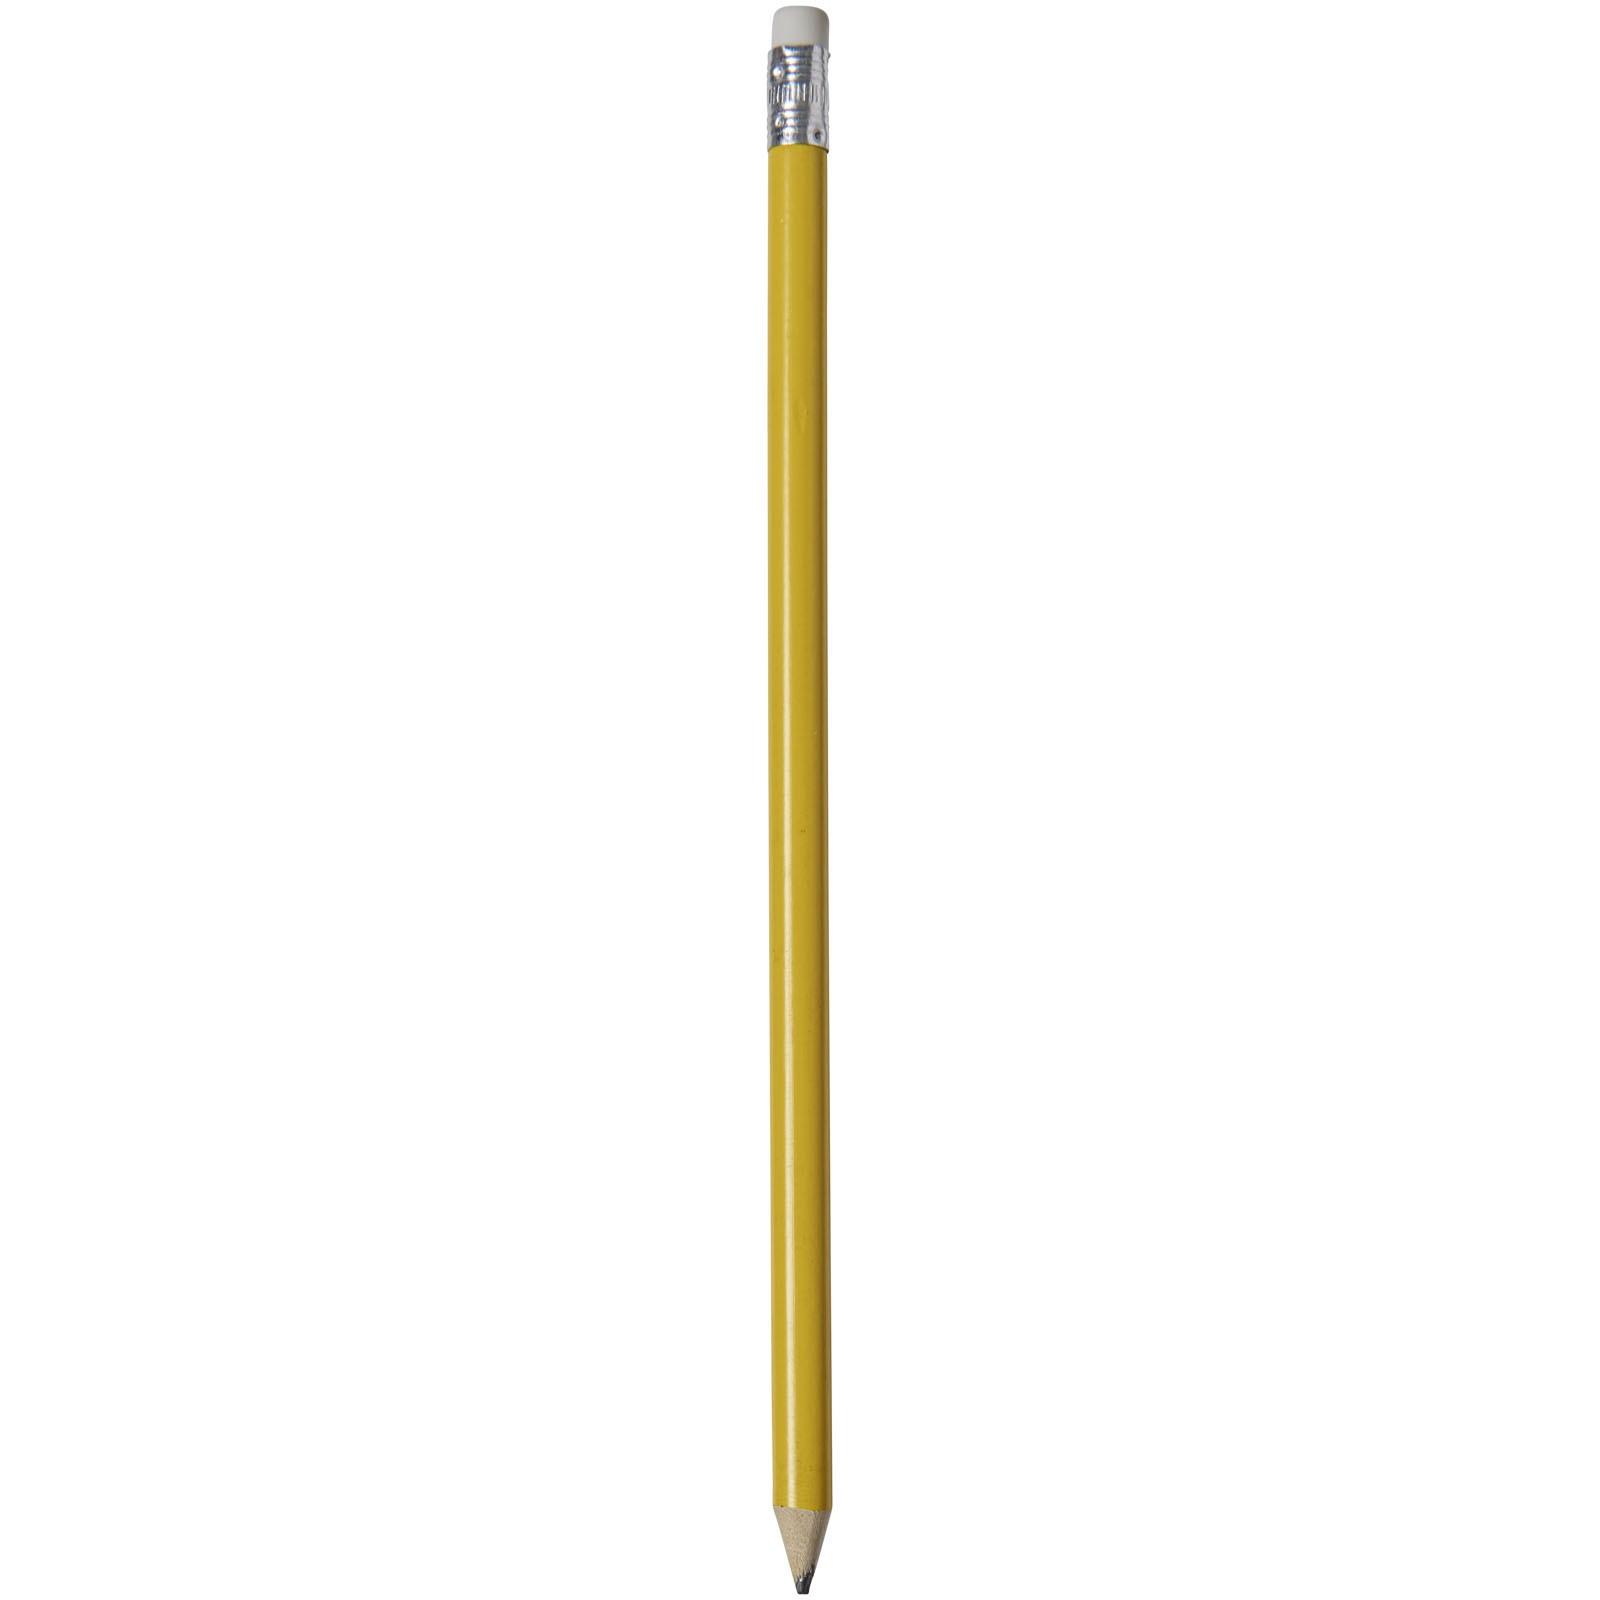 Ołówek z kolorowym korpusem Alegra - Żółty